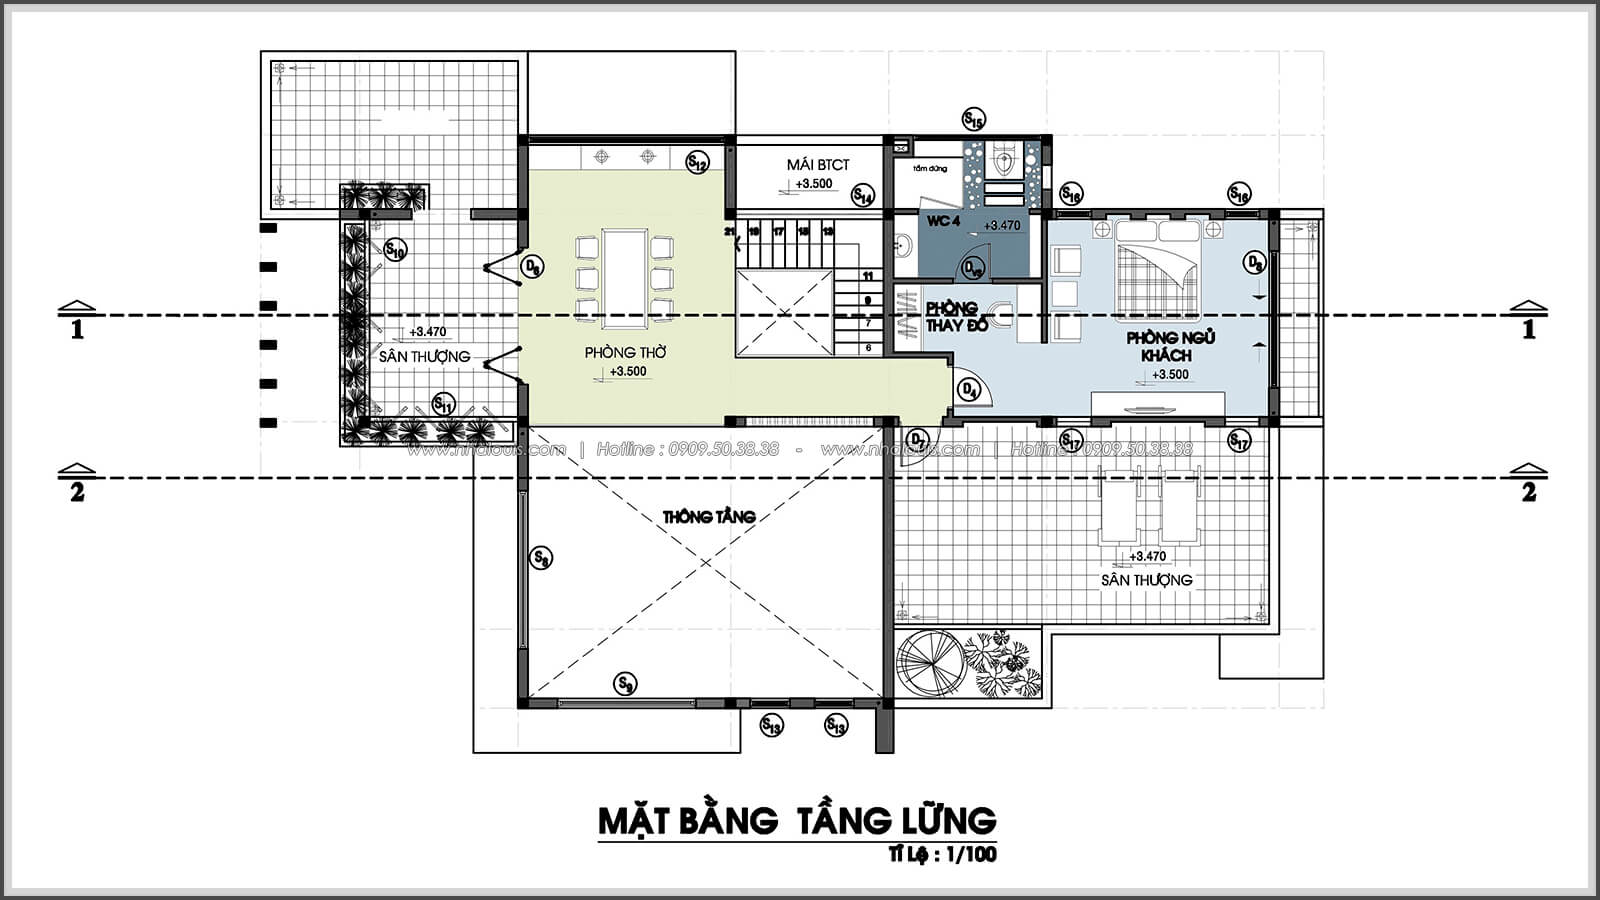 Mặt bằng tầng lửng Biệt thự nhà vườn 2 tầng 3 phòng ngủ tại Kiên Giang đẹp hiện đại, tinh tế - 3